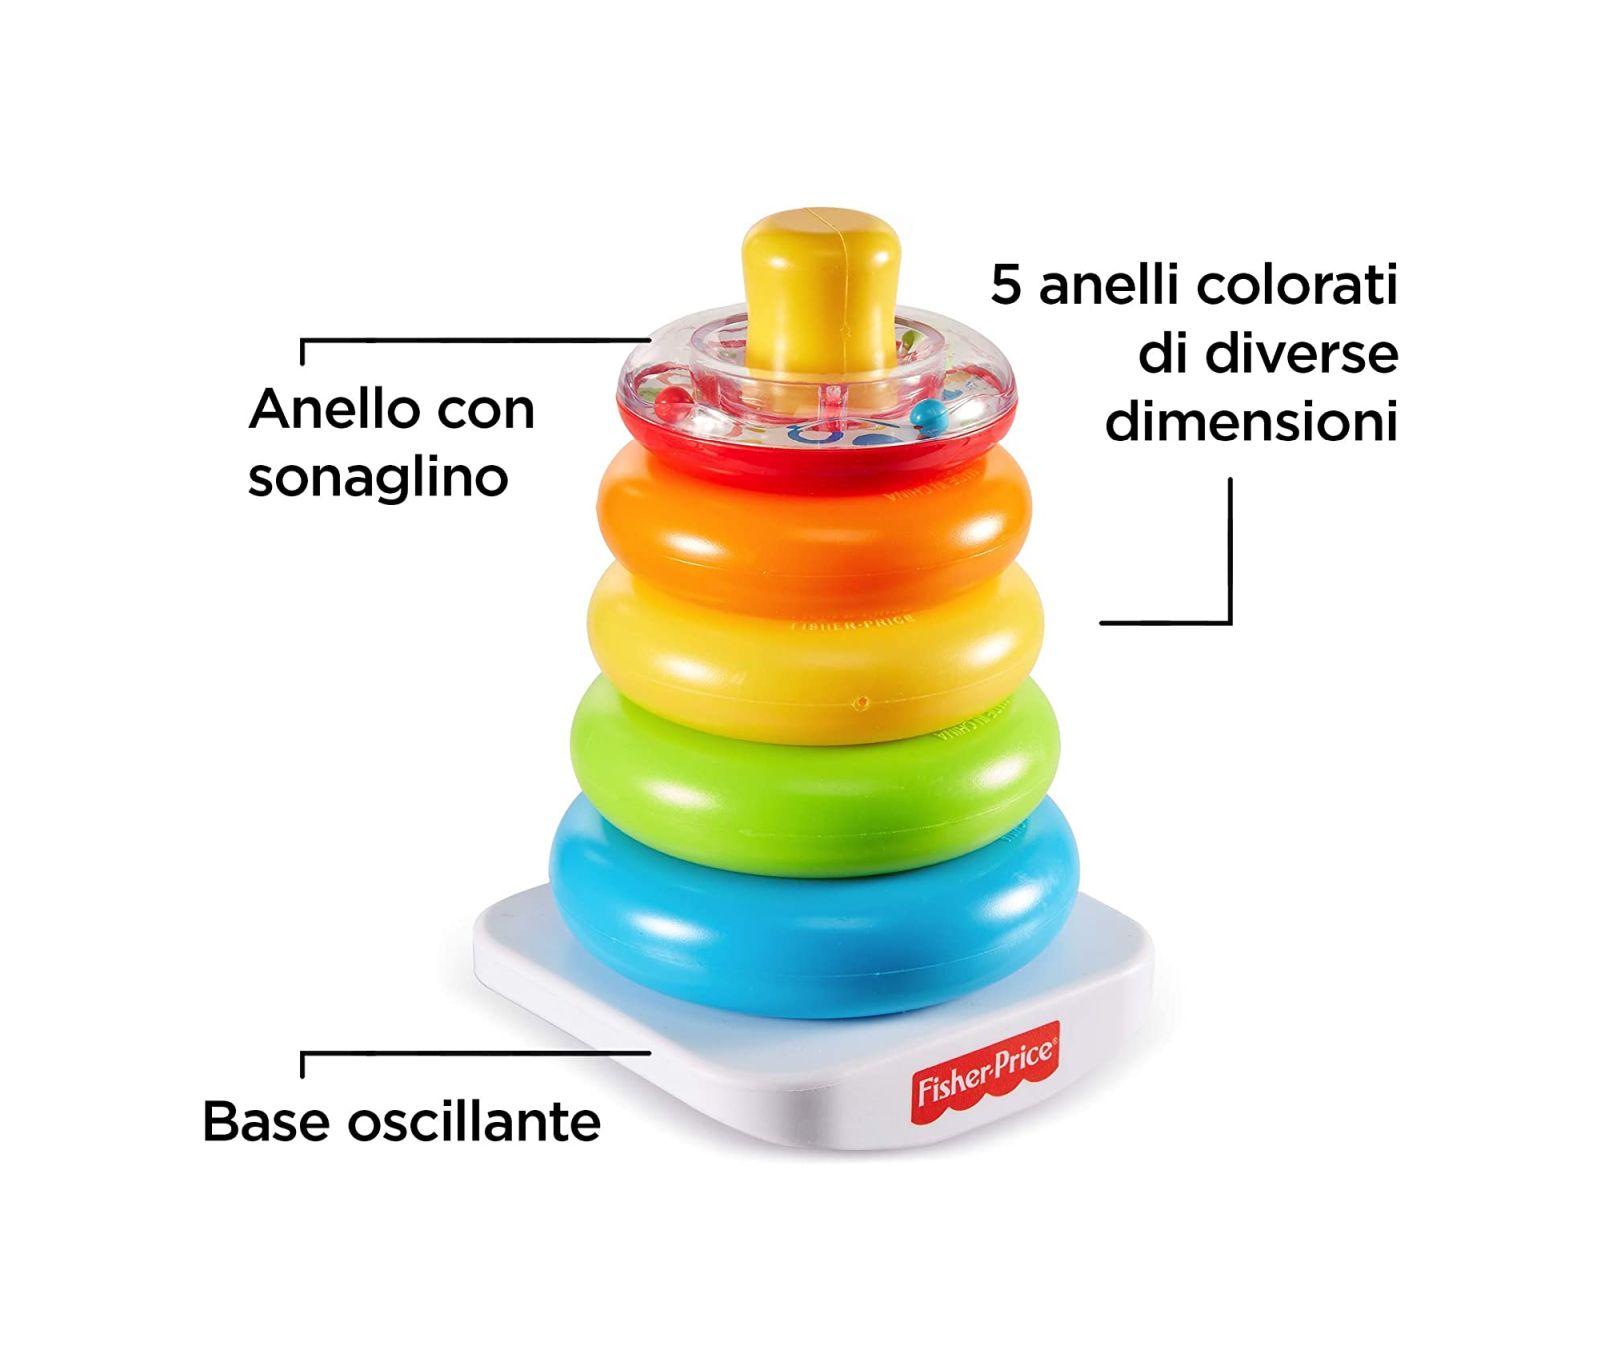 Fisher-price, piramide 5 anelli, giocattolo impilabile per bambini 6+ mesi - FISHER-PRICE